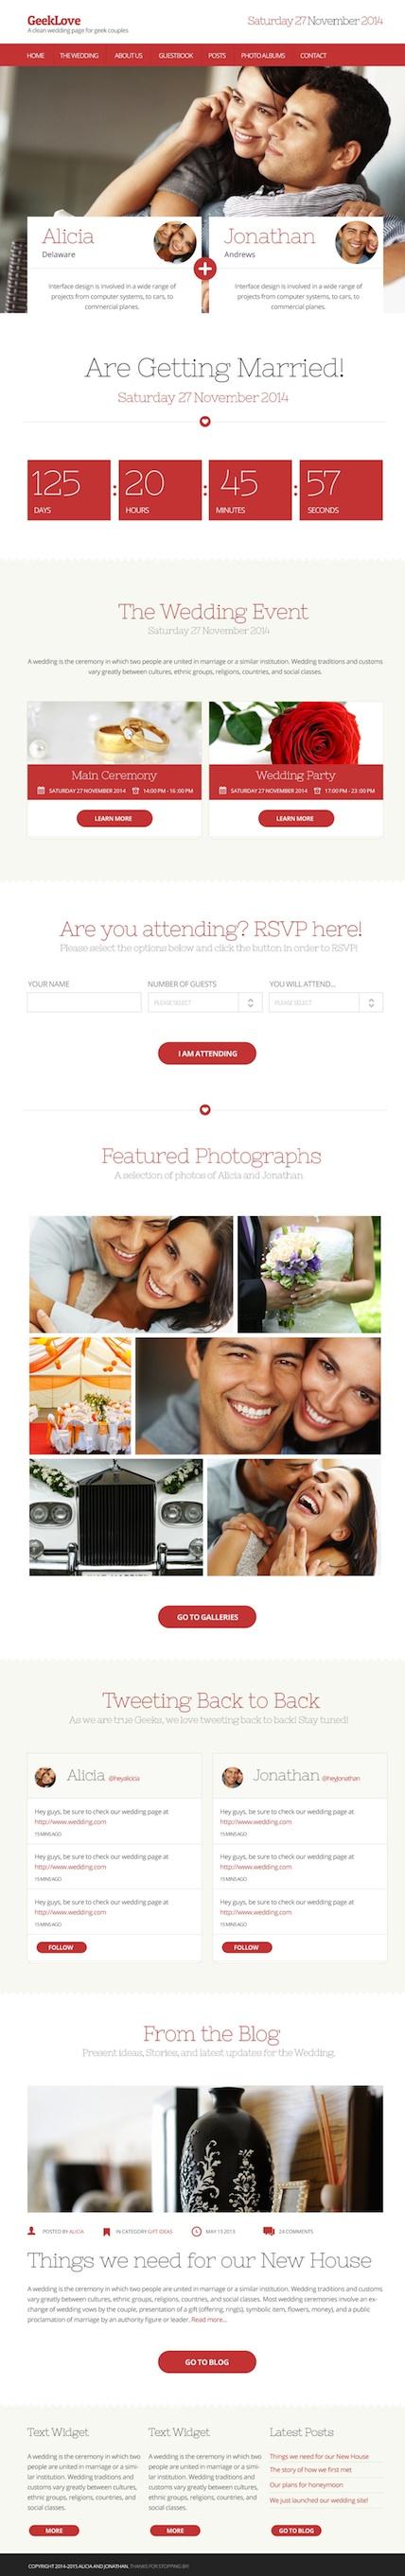 Responsive Wedding WordPress Theme - Geek Love